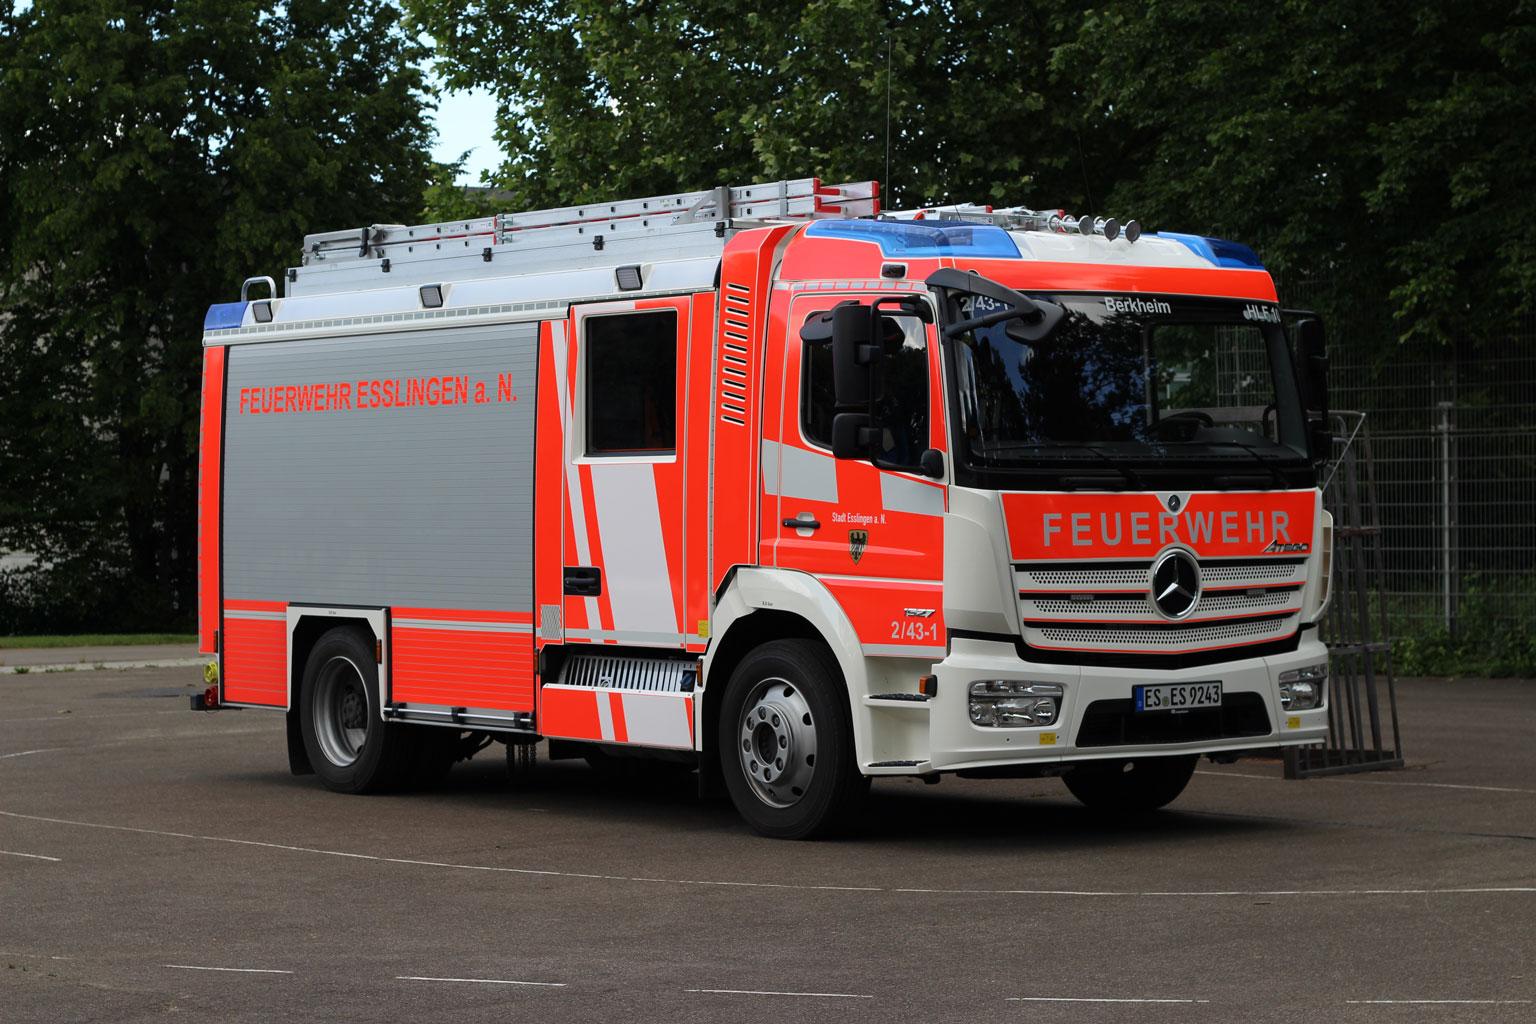 Hilfeleistungslöschgruppen-fahrzeug HLF10